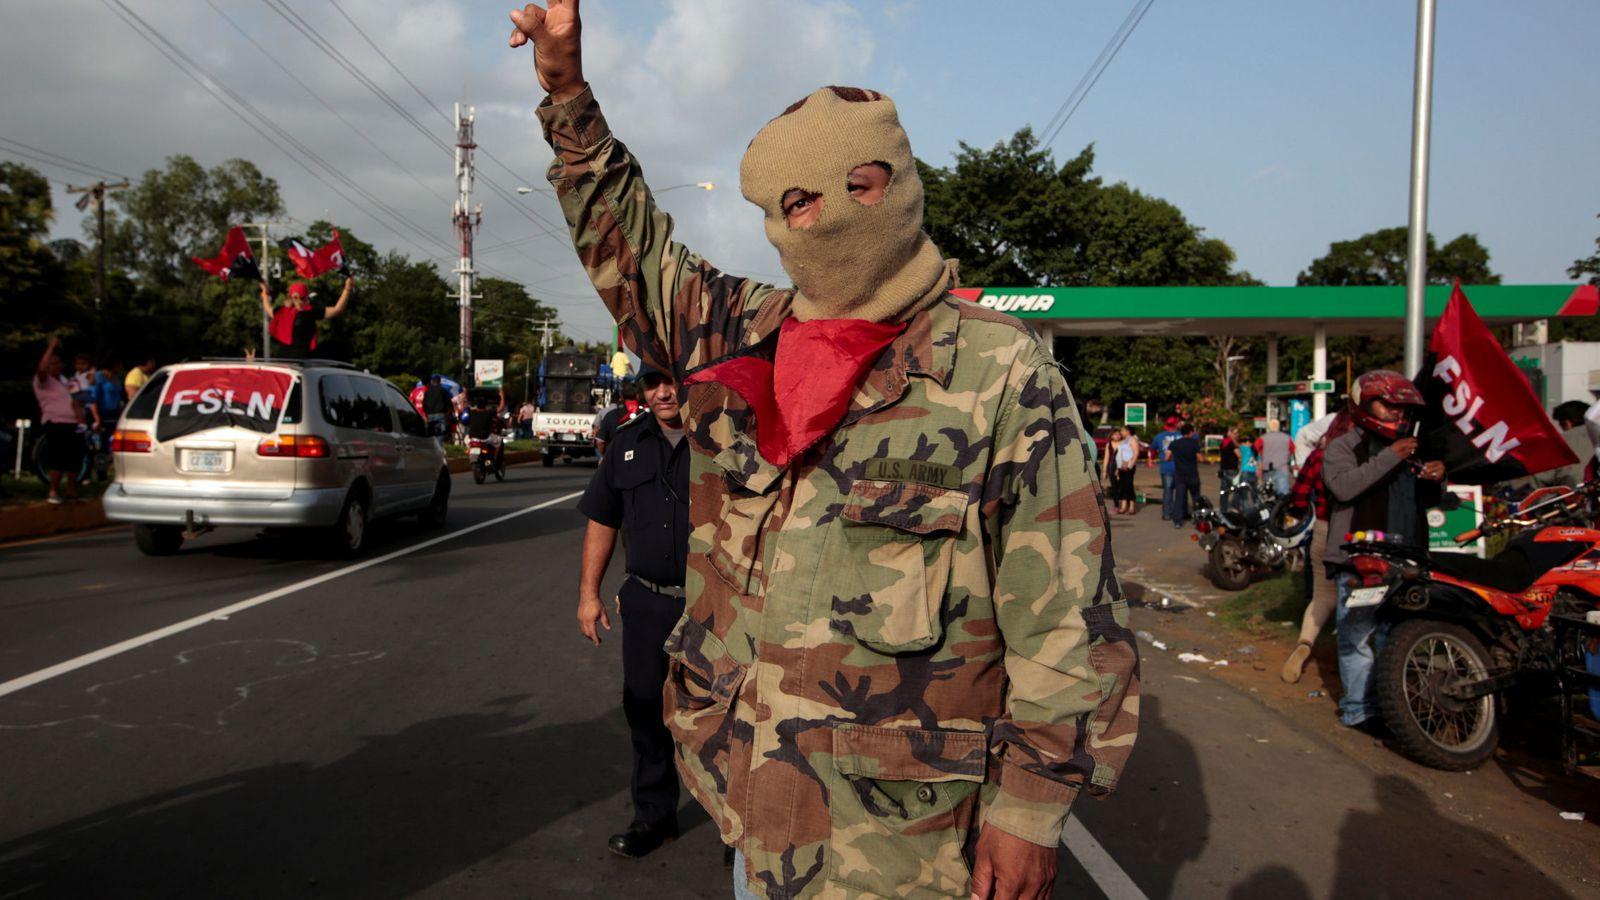 """Foto: Partidario del gubernamental Frente Sandinista participa en el 39º aniversario del """"Repliegue"""" en Masaya, Nicaragua, el 13 de julio de 2018. (Reuters)"""